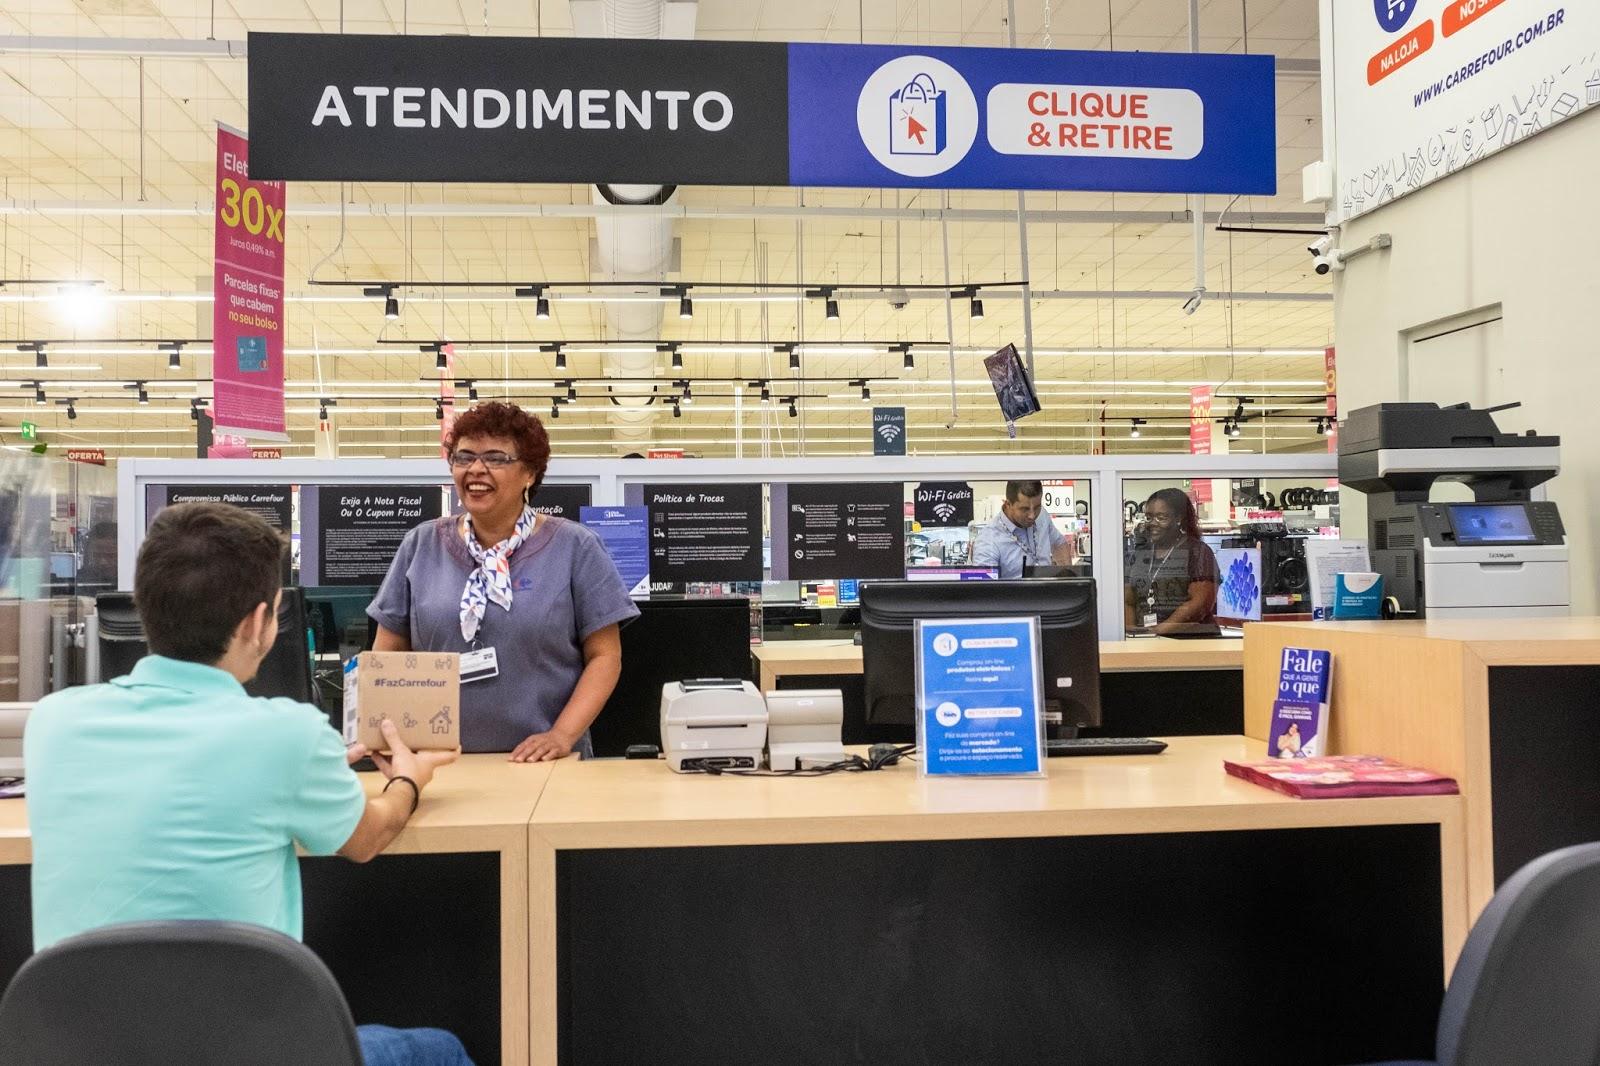 0b68aa66a2 O serviço  Retire de Carro  é mais uma comodidade proporcionada pela  integração dos canais físico e online do Carrefour. Ao finalizar suas  compras de itens ...